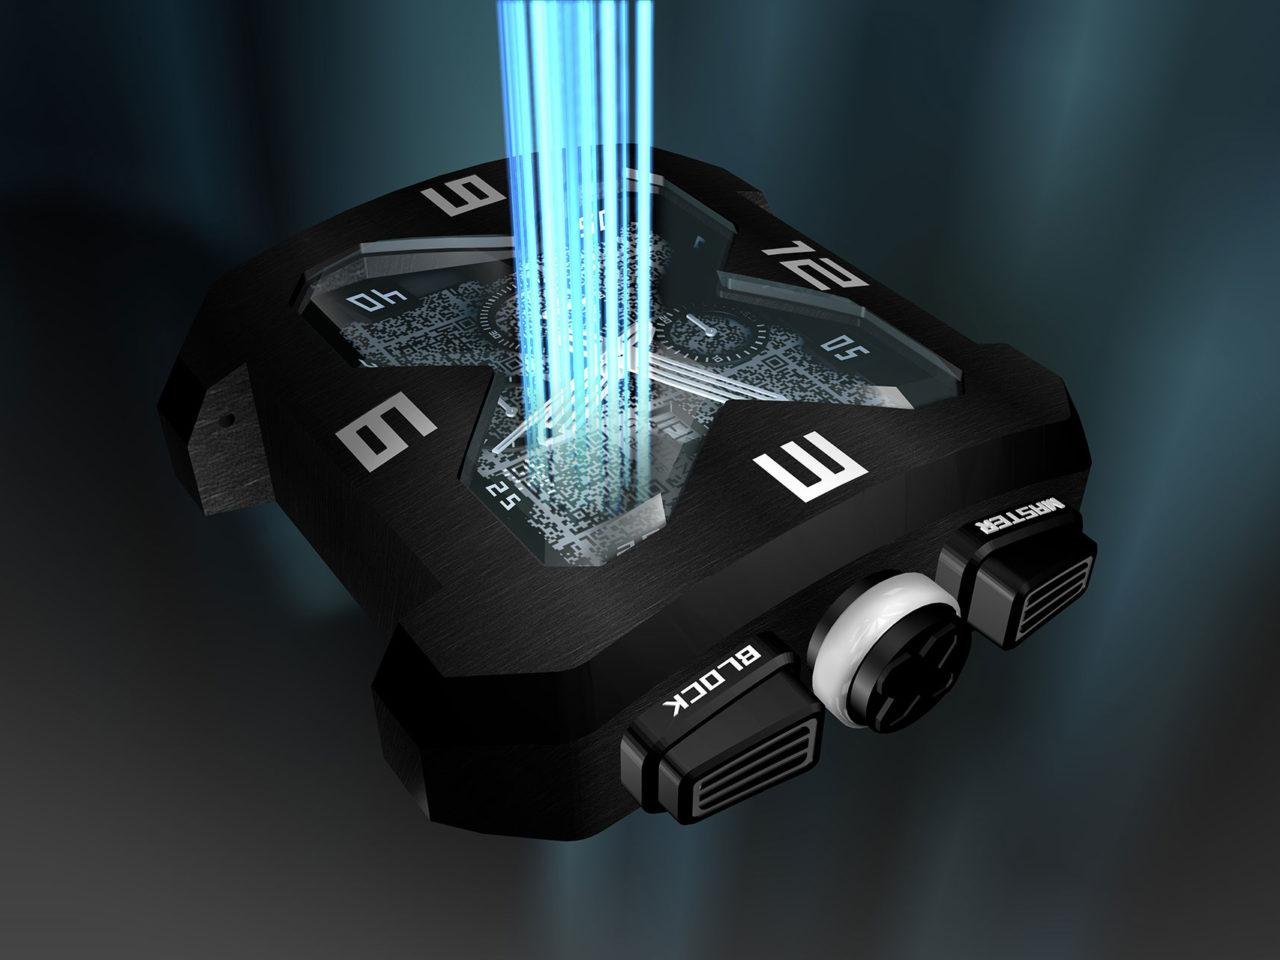 ブロックチェーン技術を使ったスイス高級腕時計